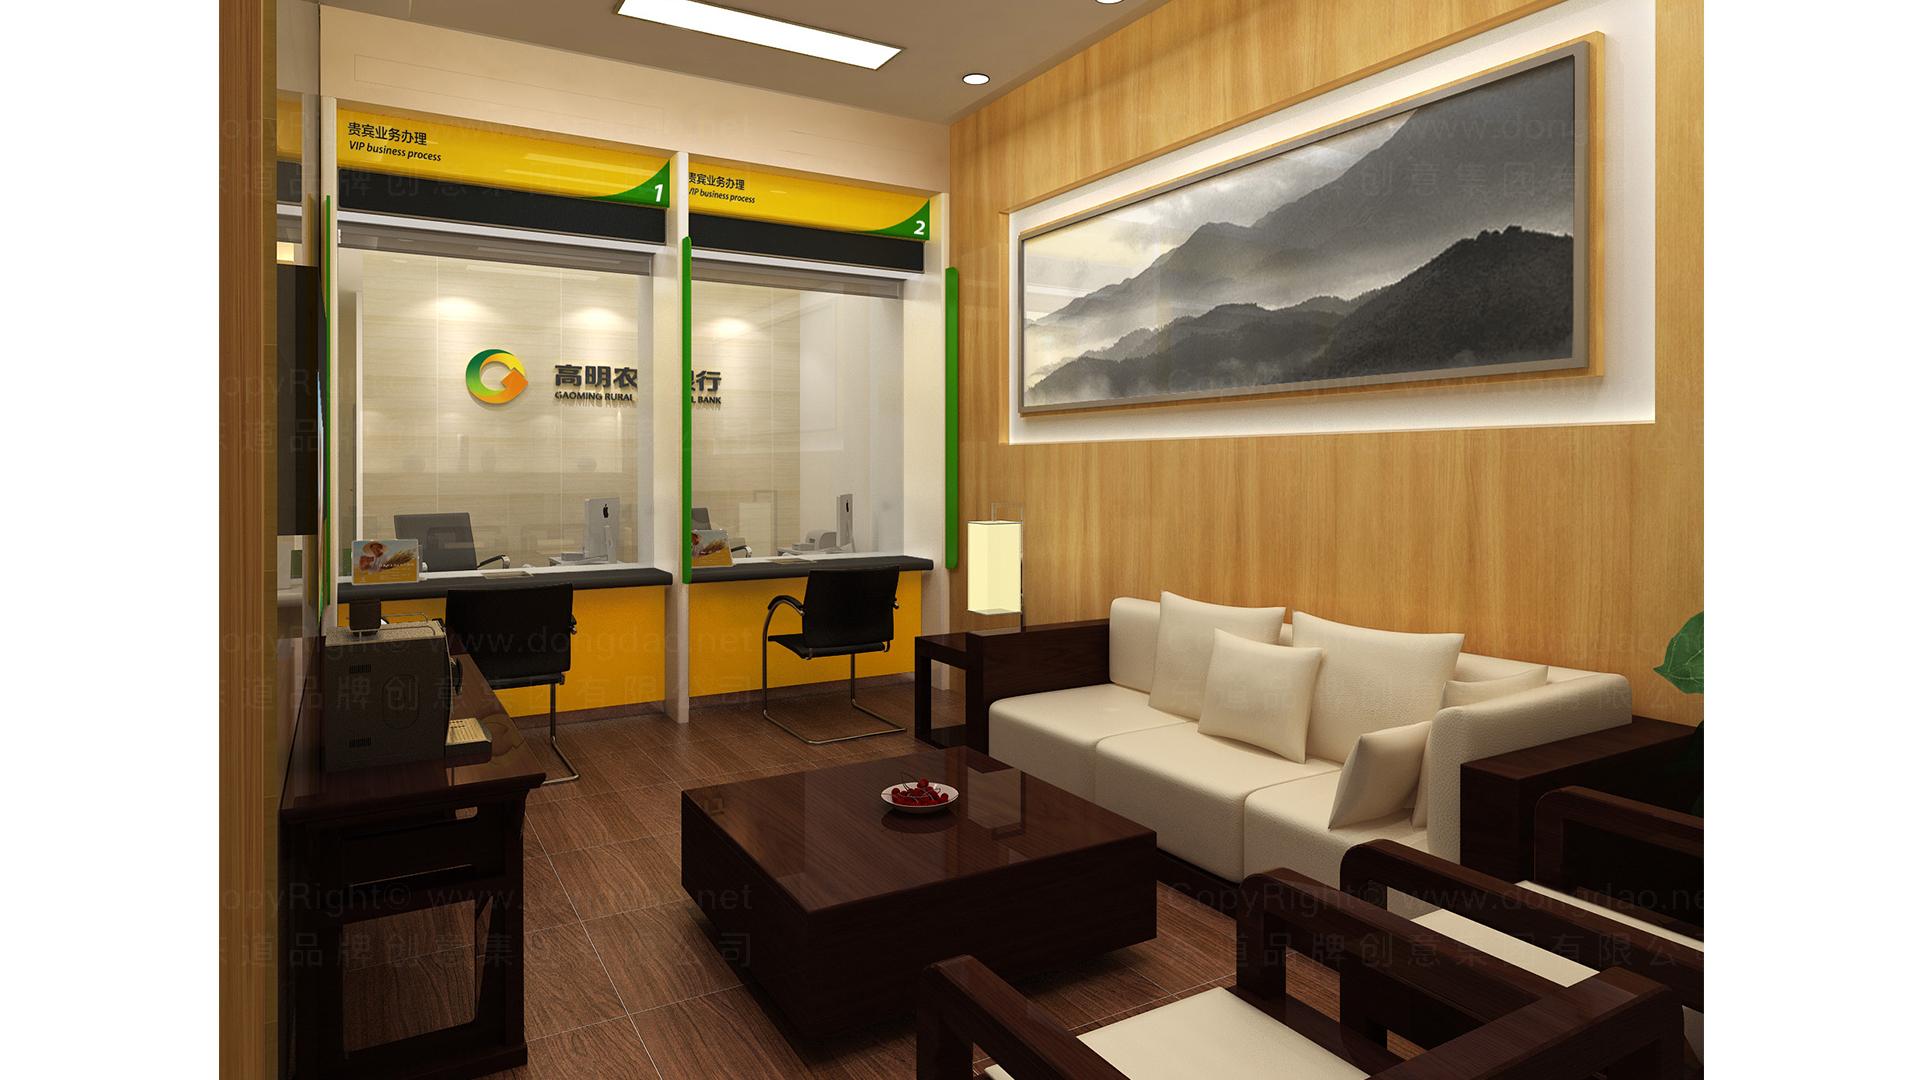 银行金融高明农商行银行网点SI设计